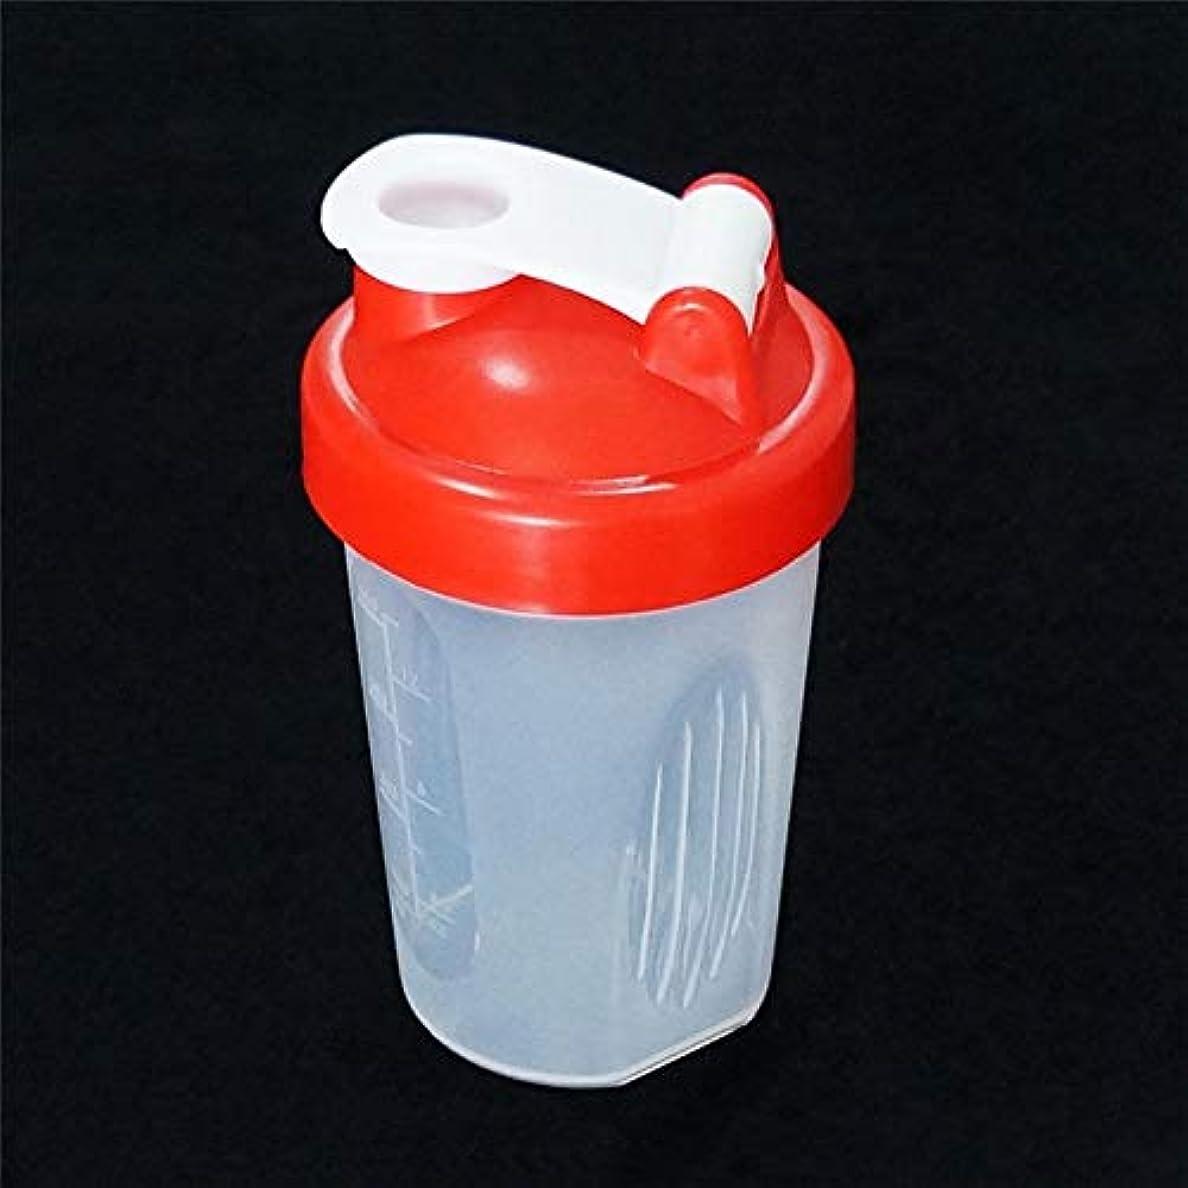 騒乱刺繍スイMaxcrestas - 400ML Plastic Shake Cups Drink Creative Large Capacity Free Shake Blender Shaker Mixer Cups Drink Whisk Ball Bottle New Arrivals